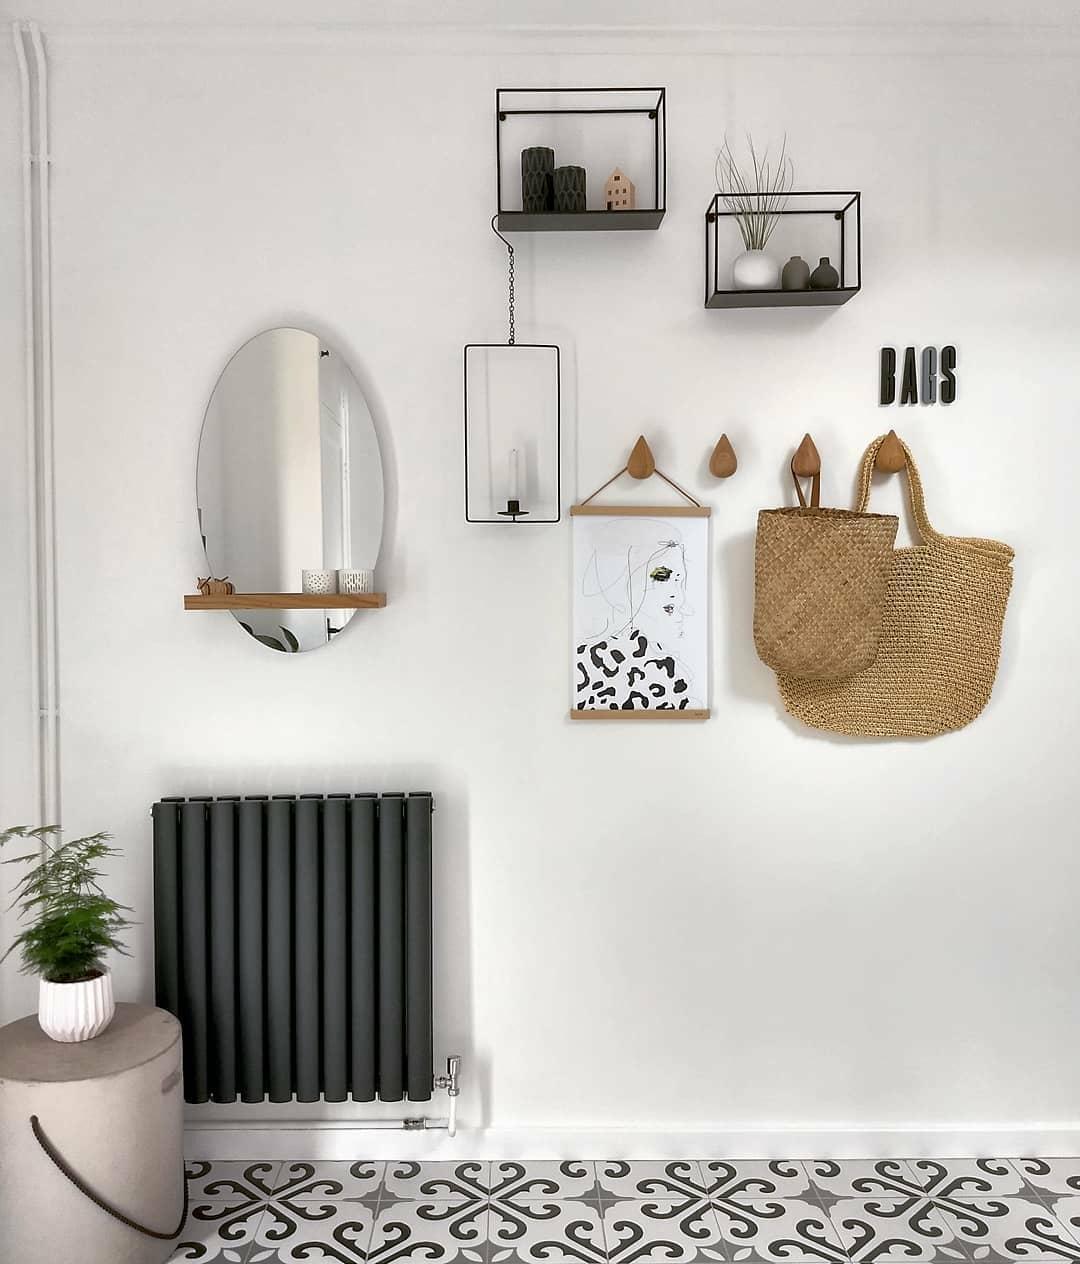 A Milano Aruba anthracite radiator on a white wall.